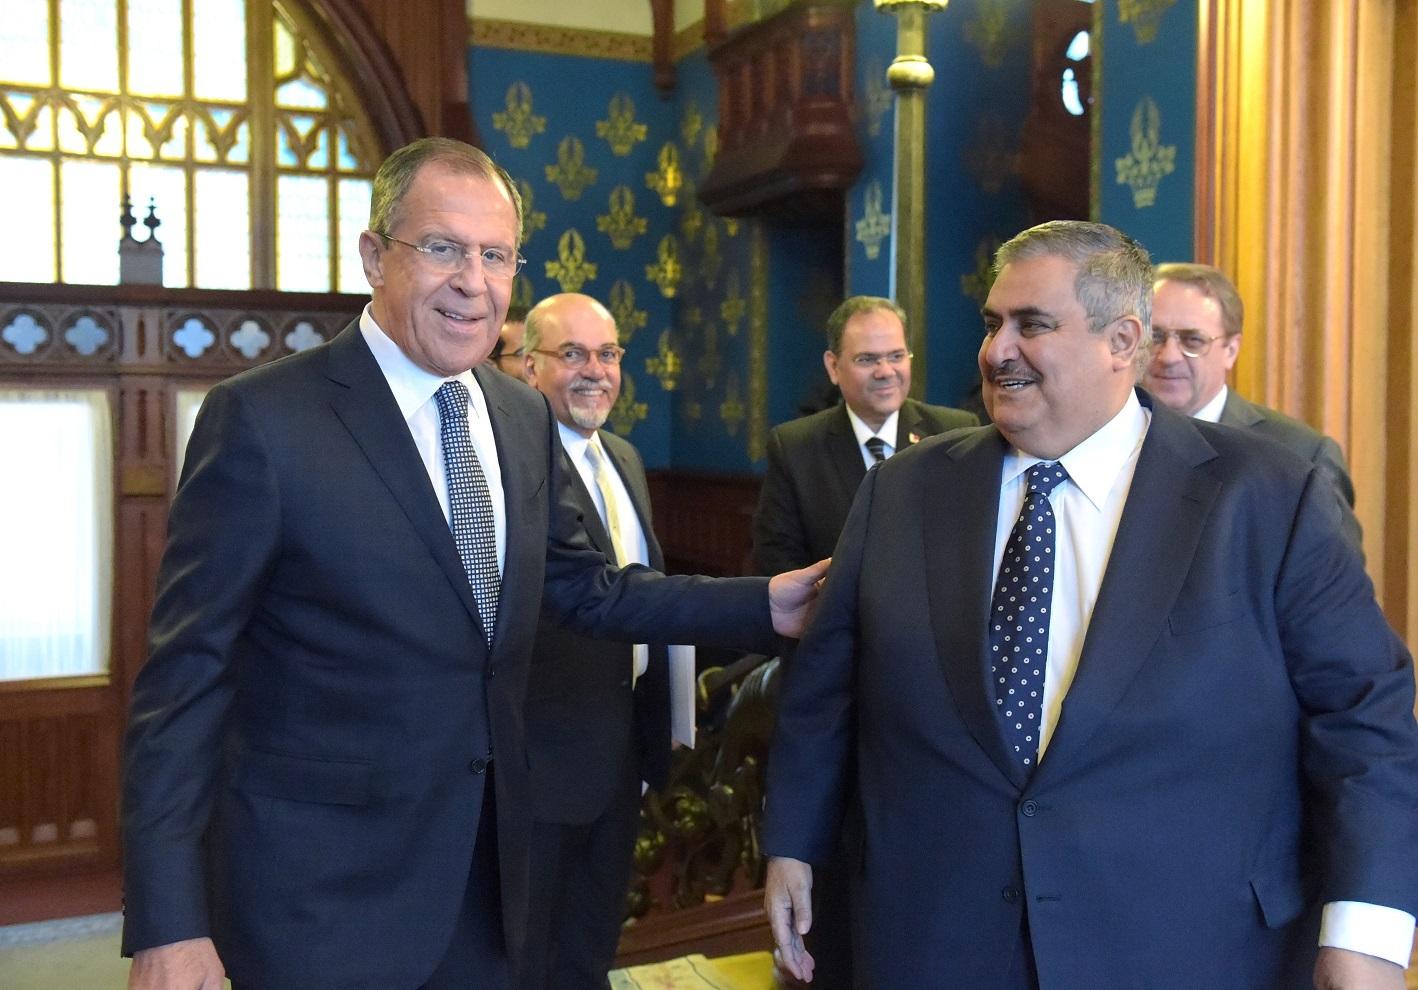 لافروف وآل خليفة يبحثان النزاعات الإقليمية والتعاون الثنائي